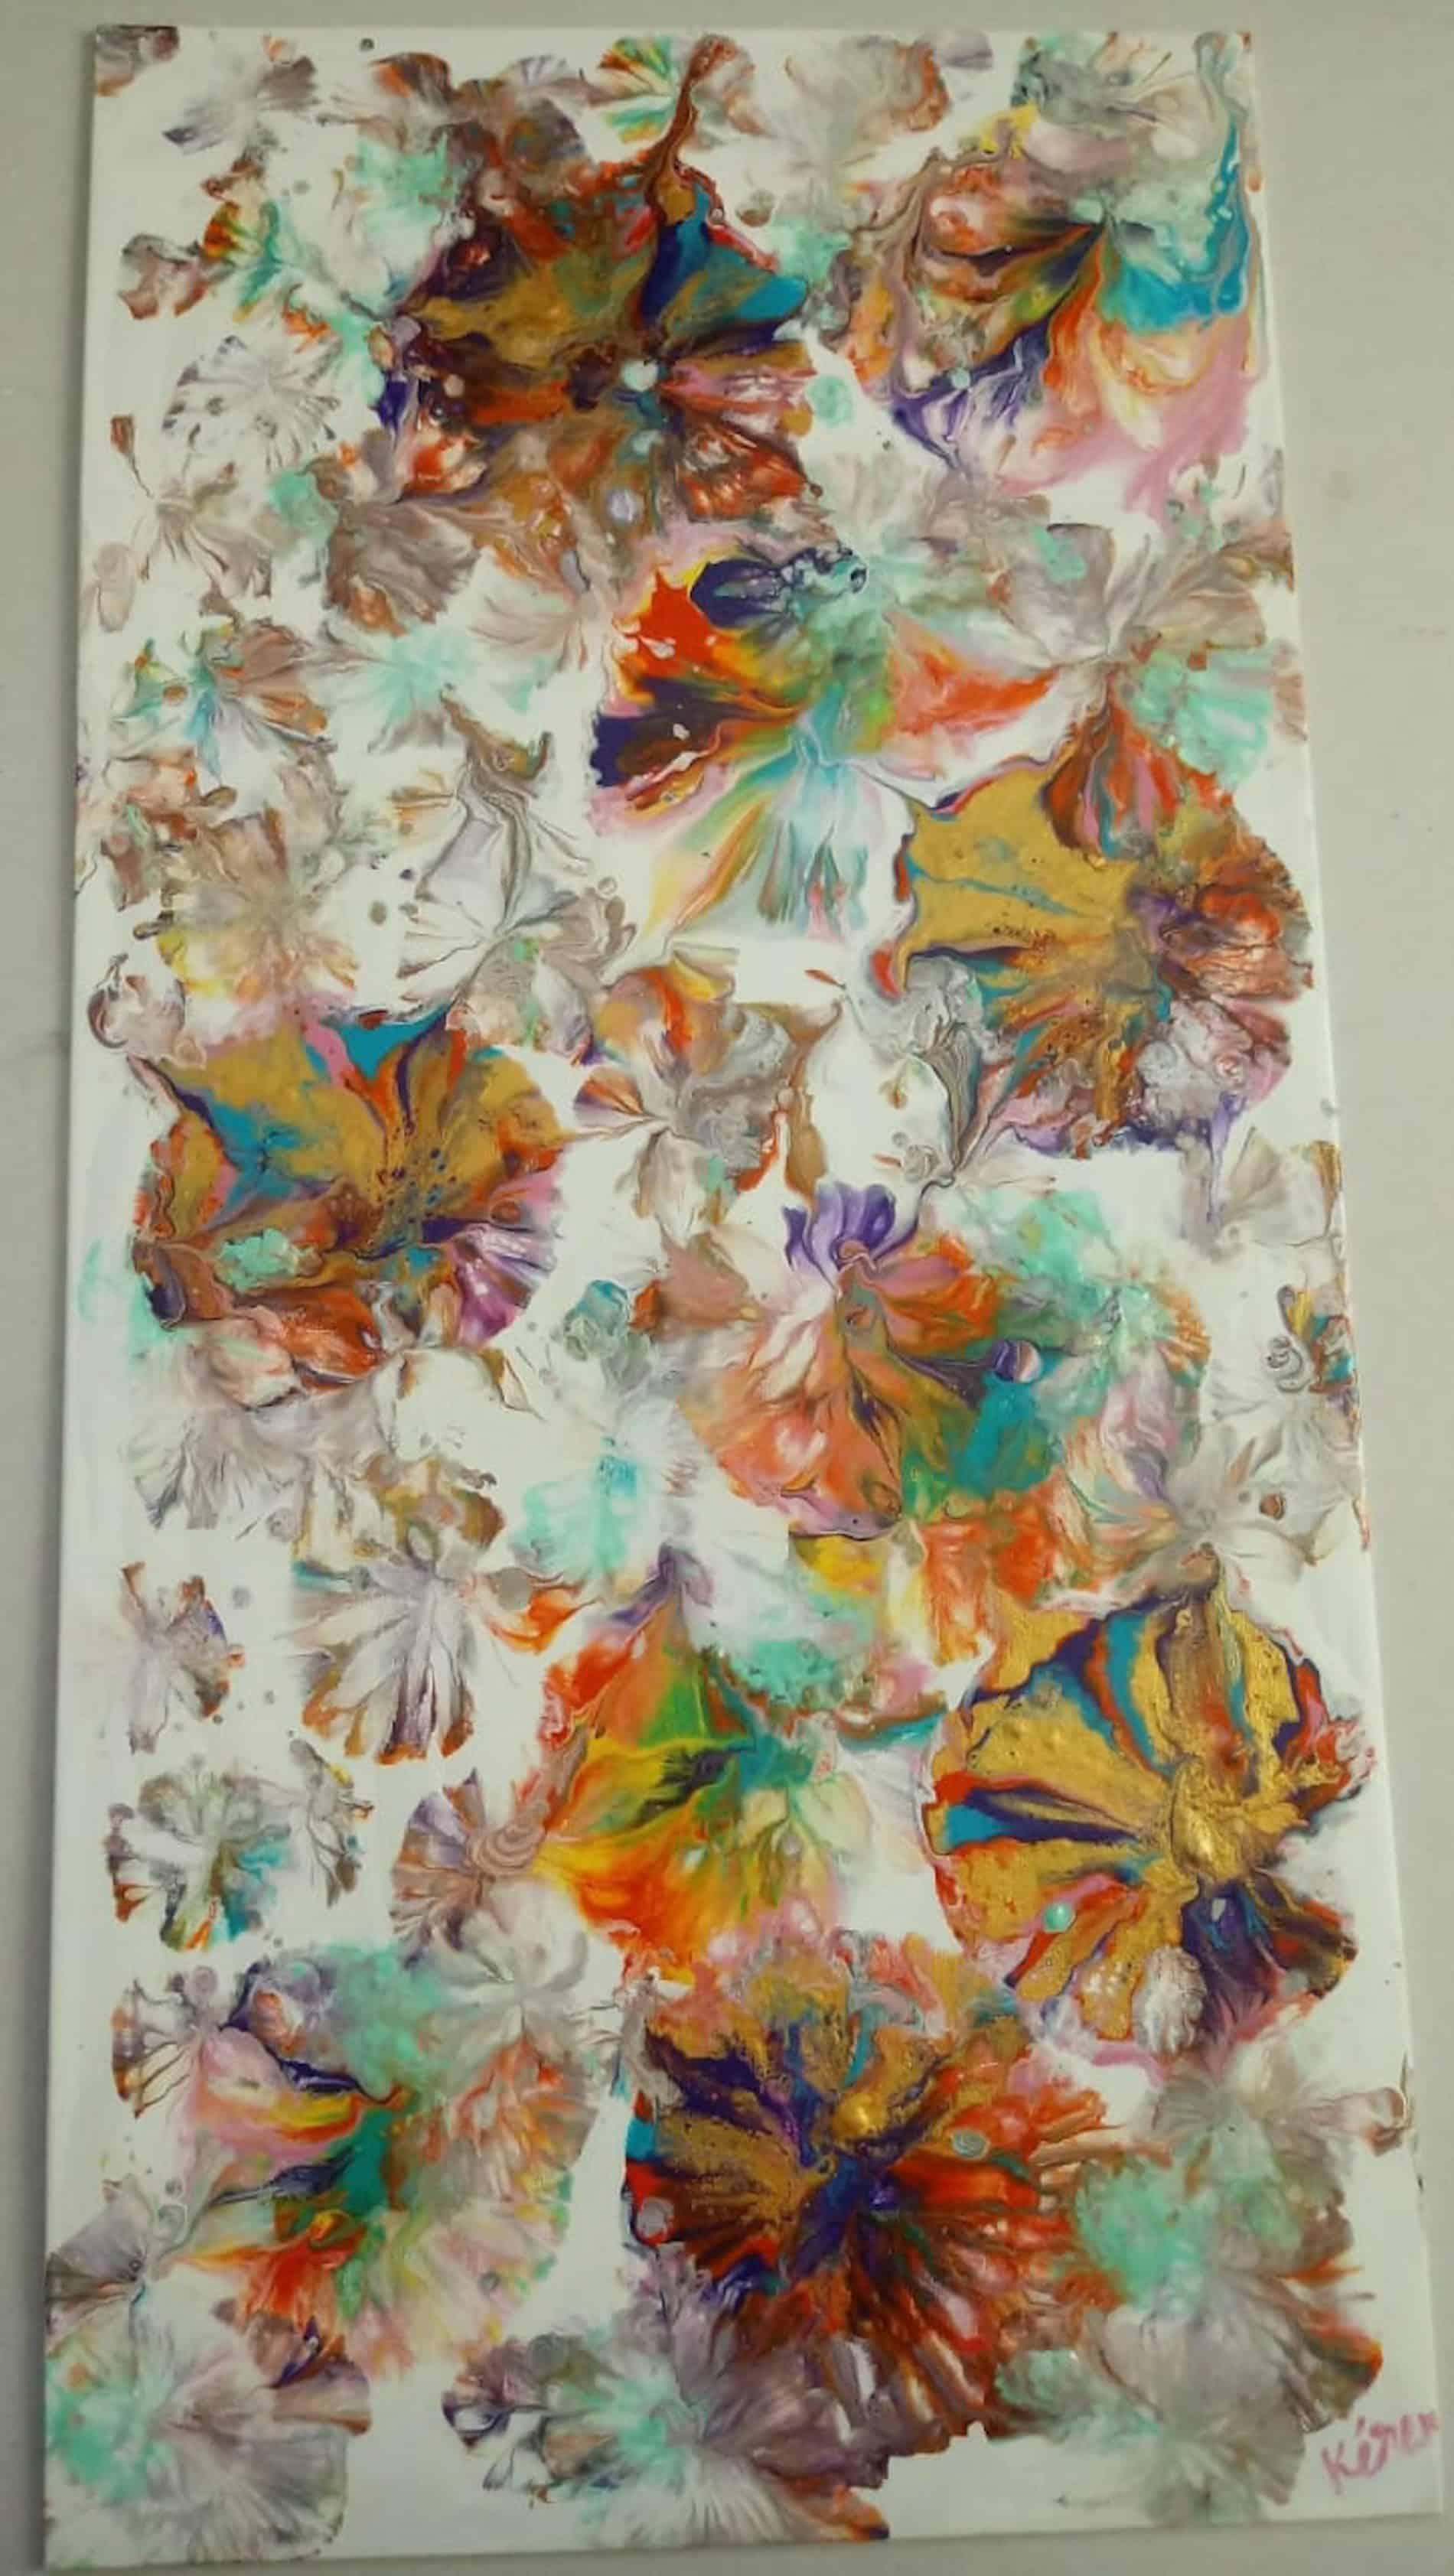 mauritian-artist-keren-dumolard-fleurs-magiques